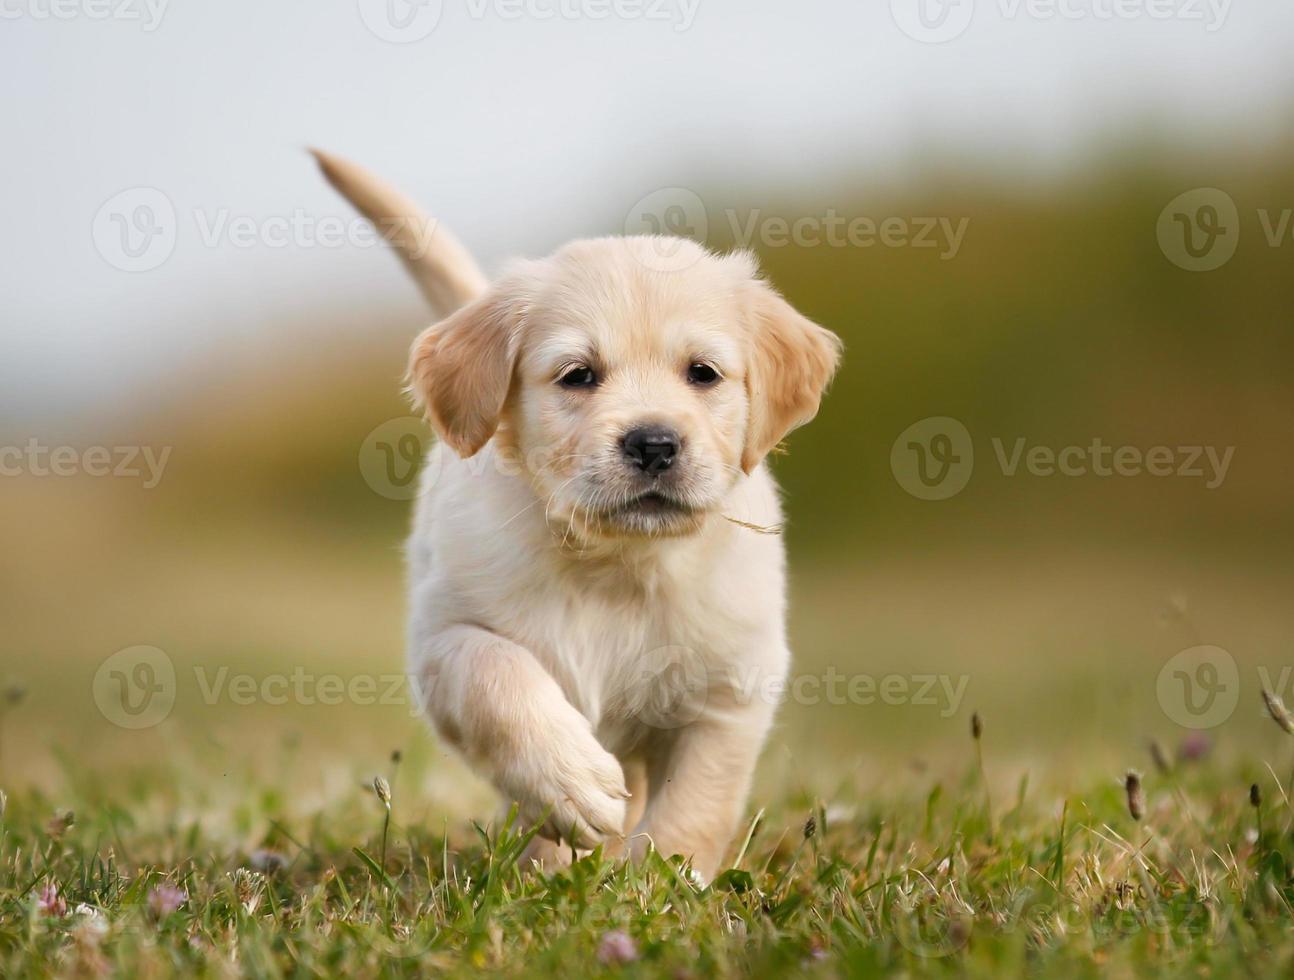 filhote de retriever correndo em direção à câmera foto